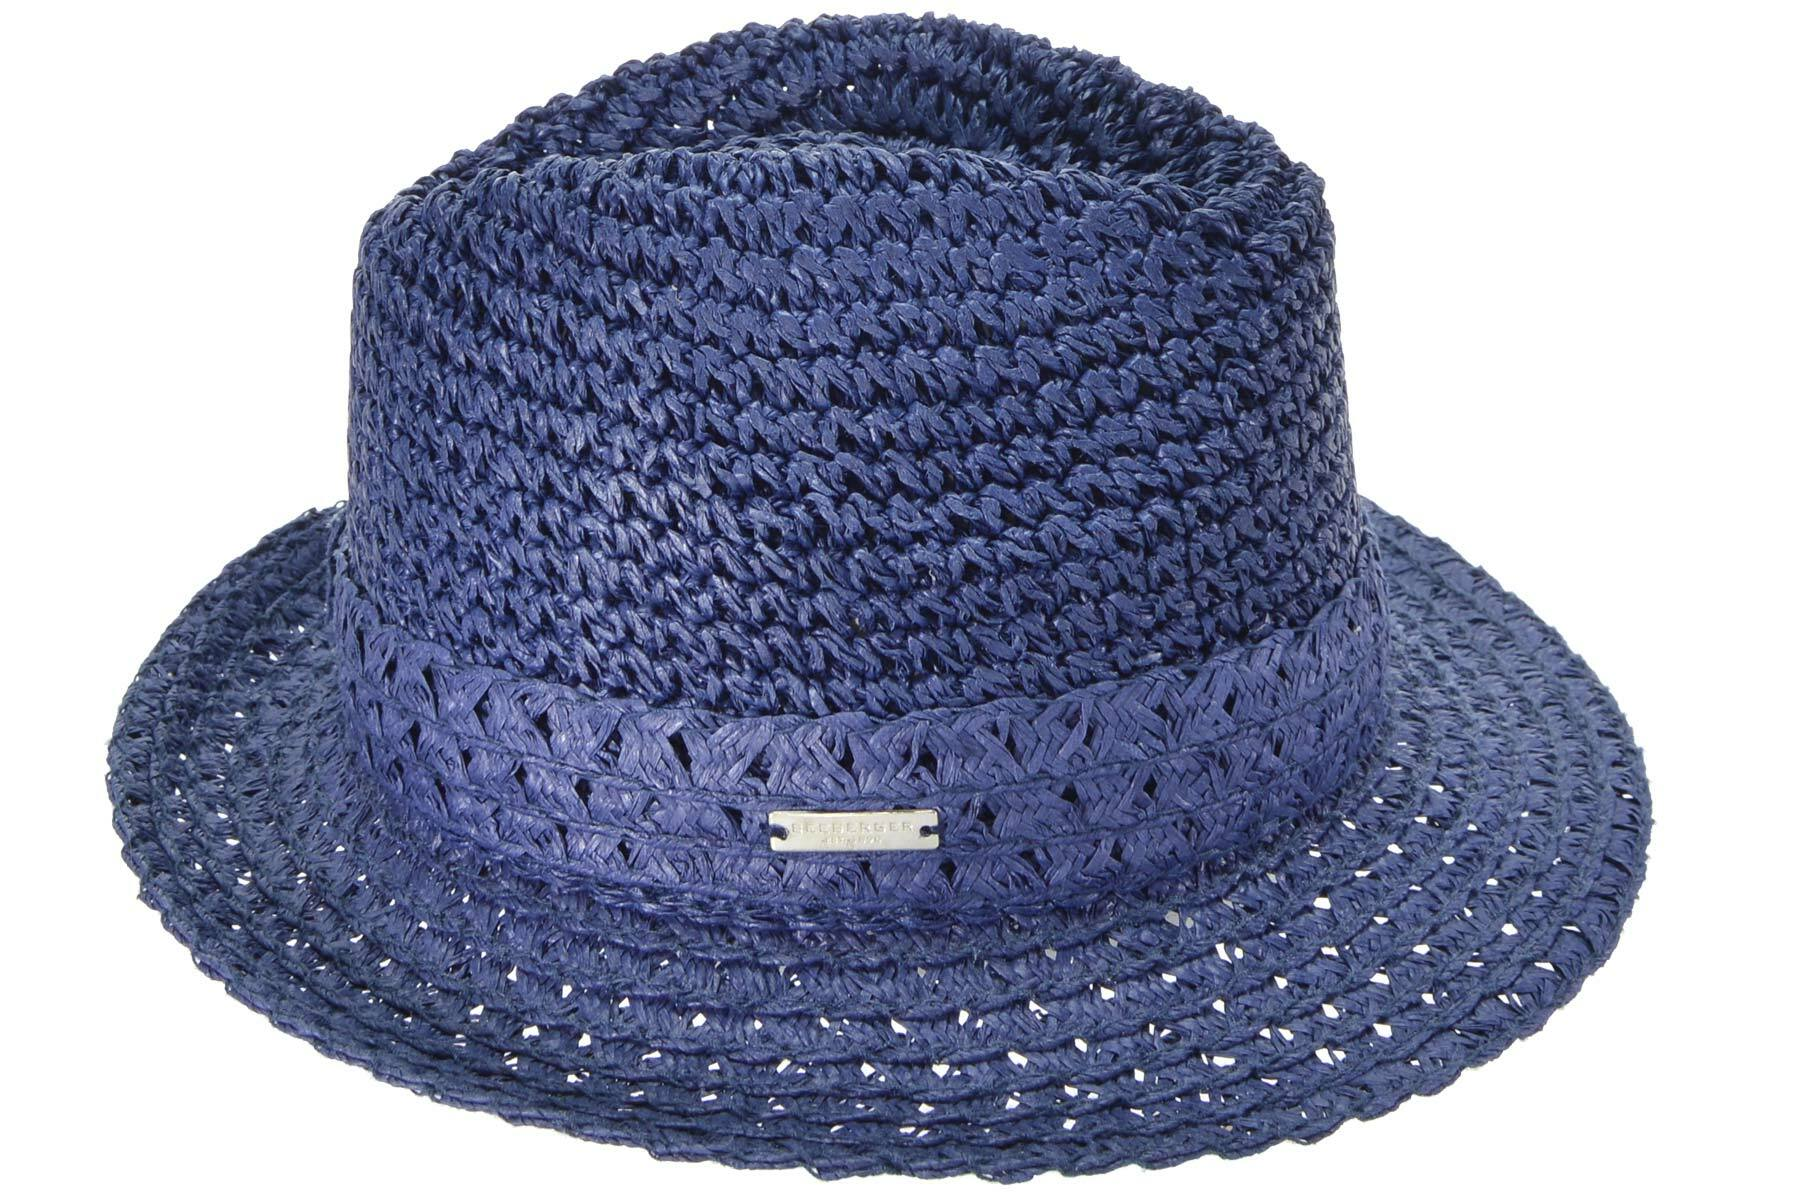 Seeberger Strohhut Fedora aus Papierstroh mit Garnitur 54183-0 | Accessoires > Hüte > Strohhüte | Seeberger